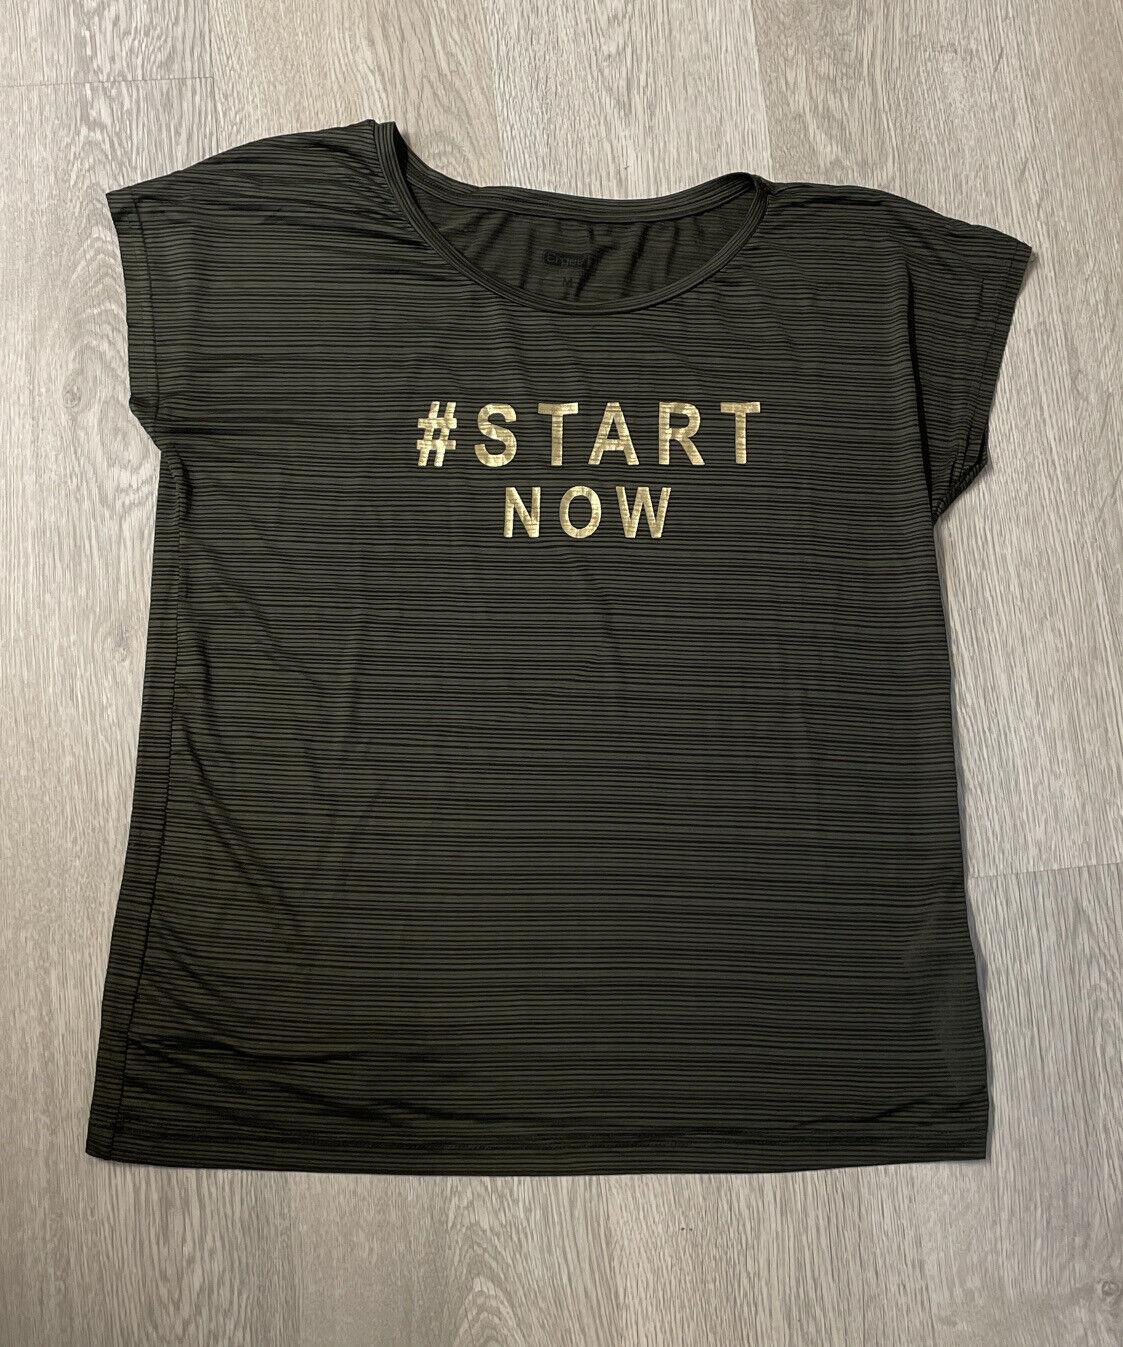 """Damen Sport T-Shirt - Gr. M - Khaki mit goldener Schrift """"Start Now"""" - Ergee"""